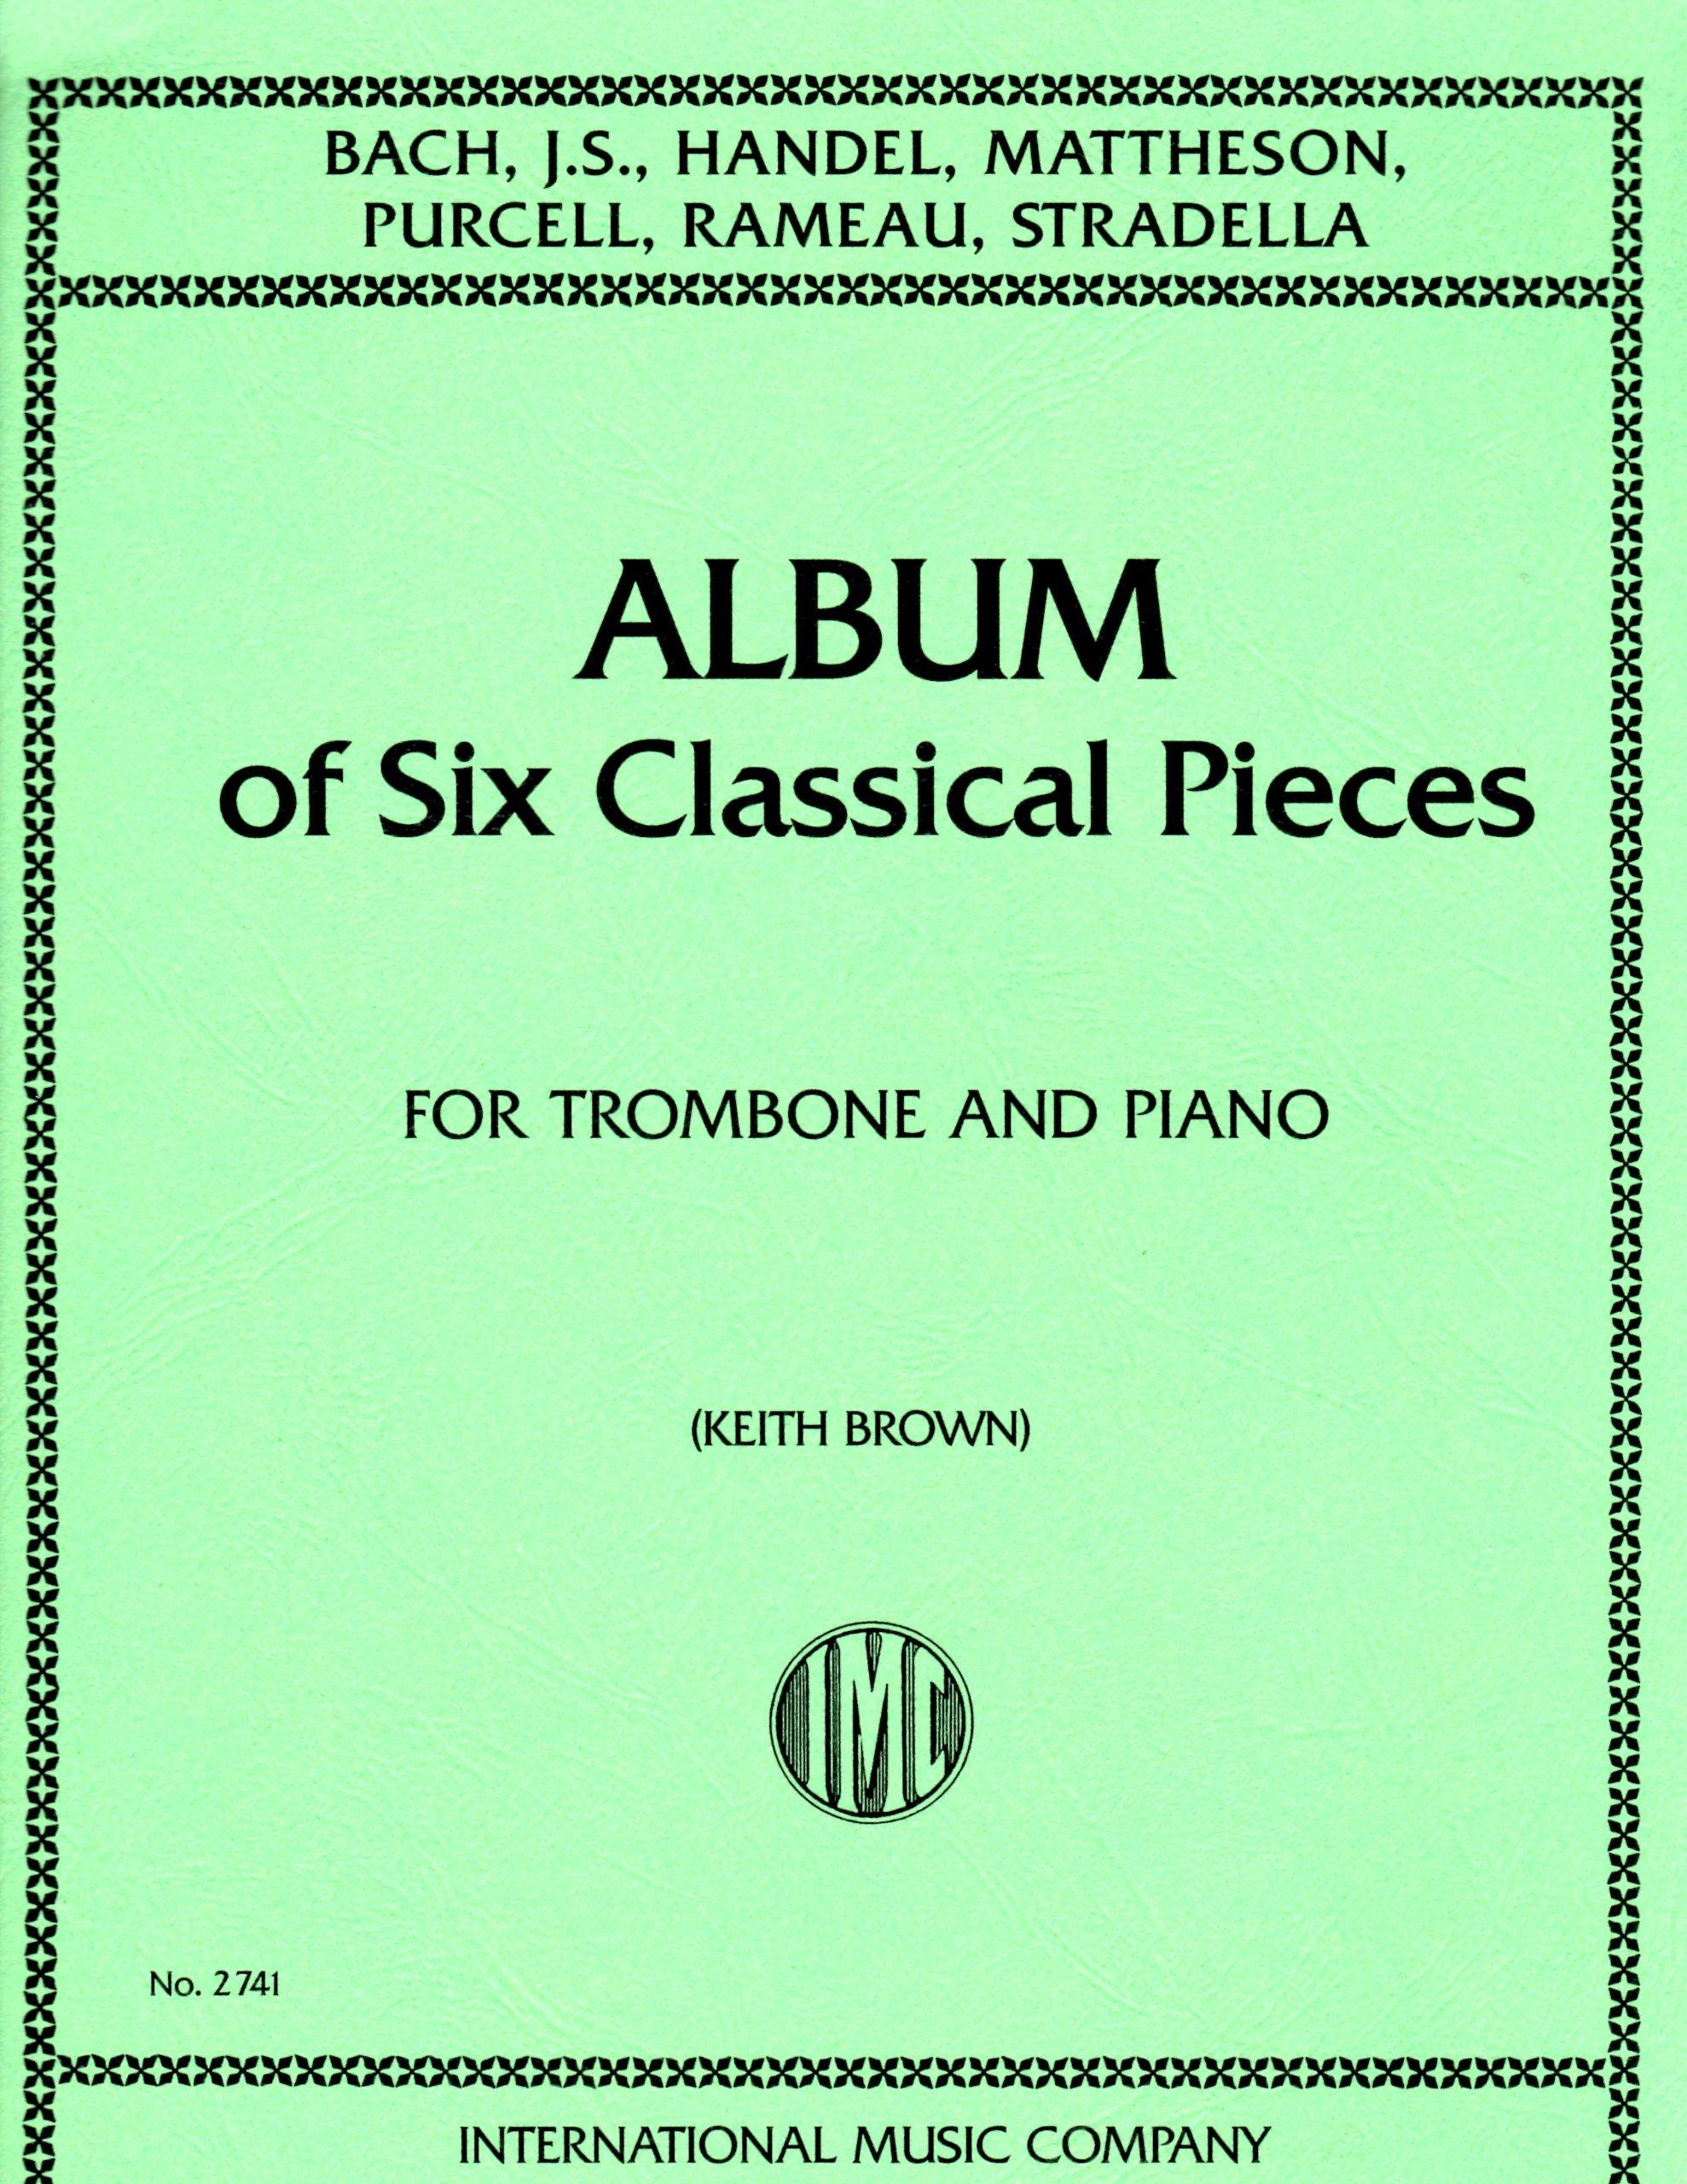 ALBUM OF CLASSICAL PIECES